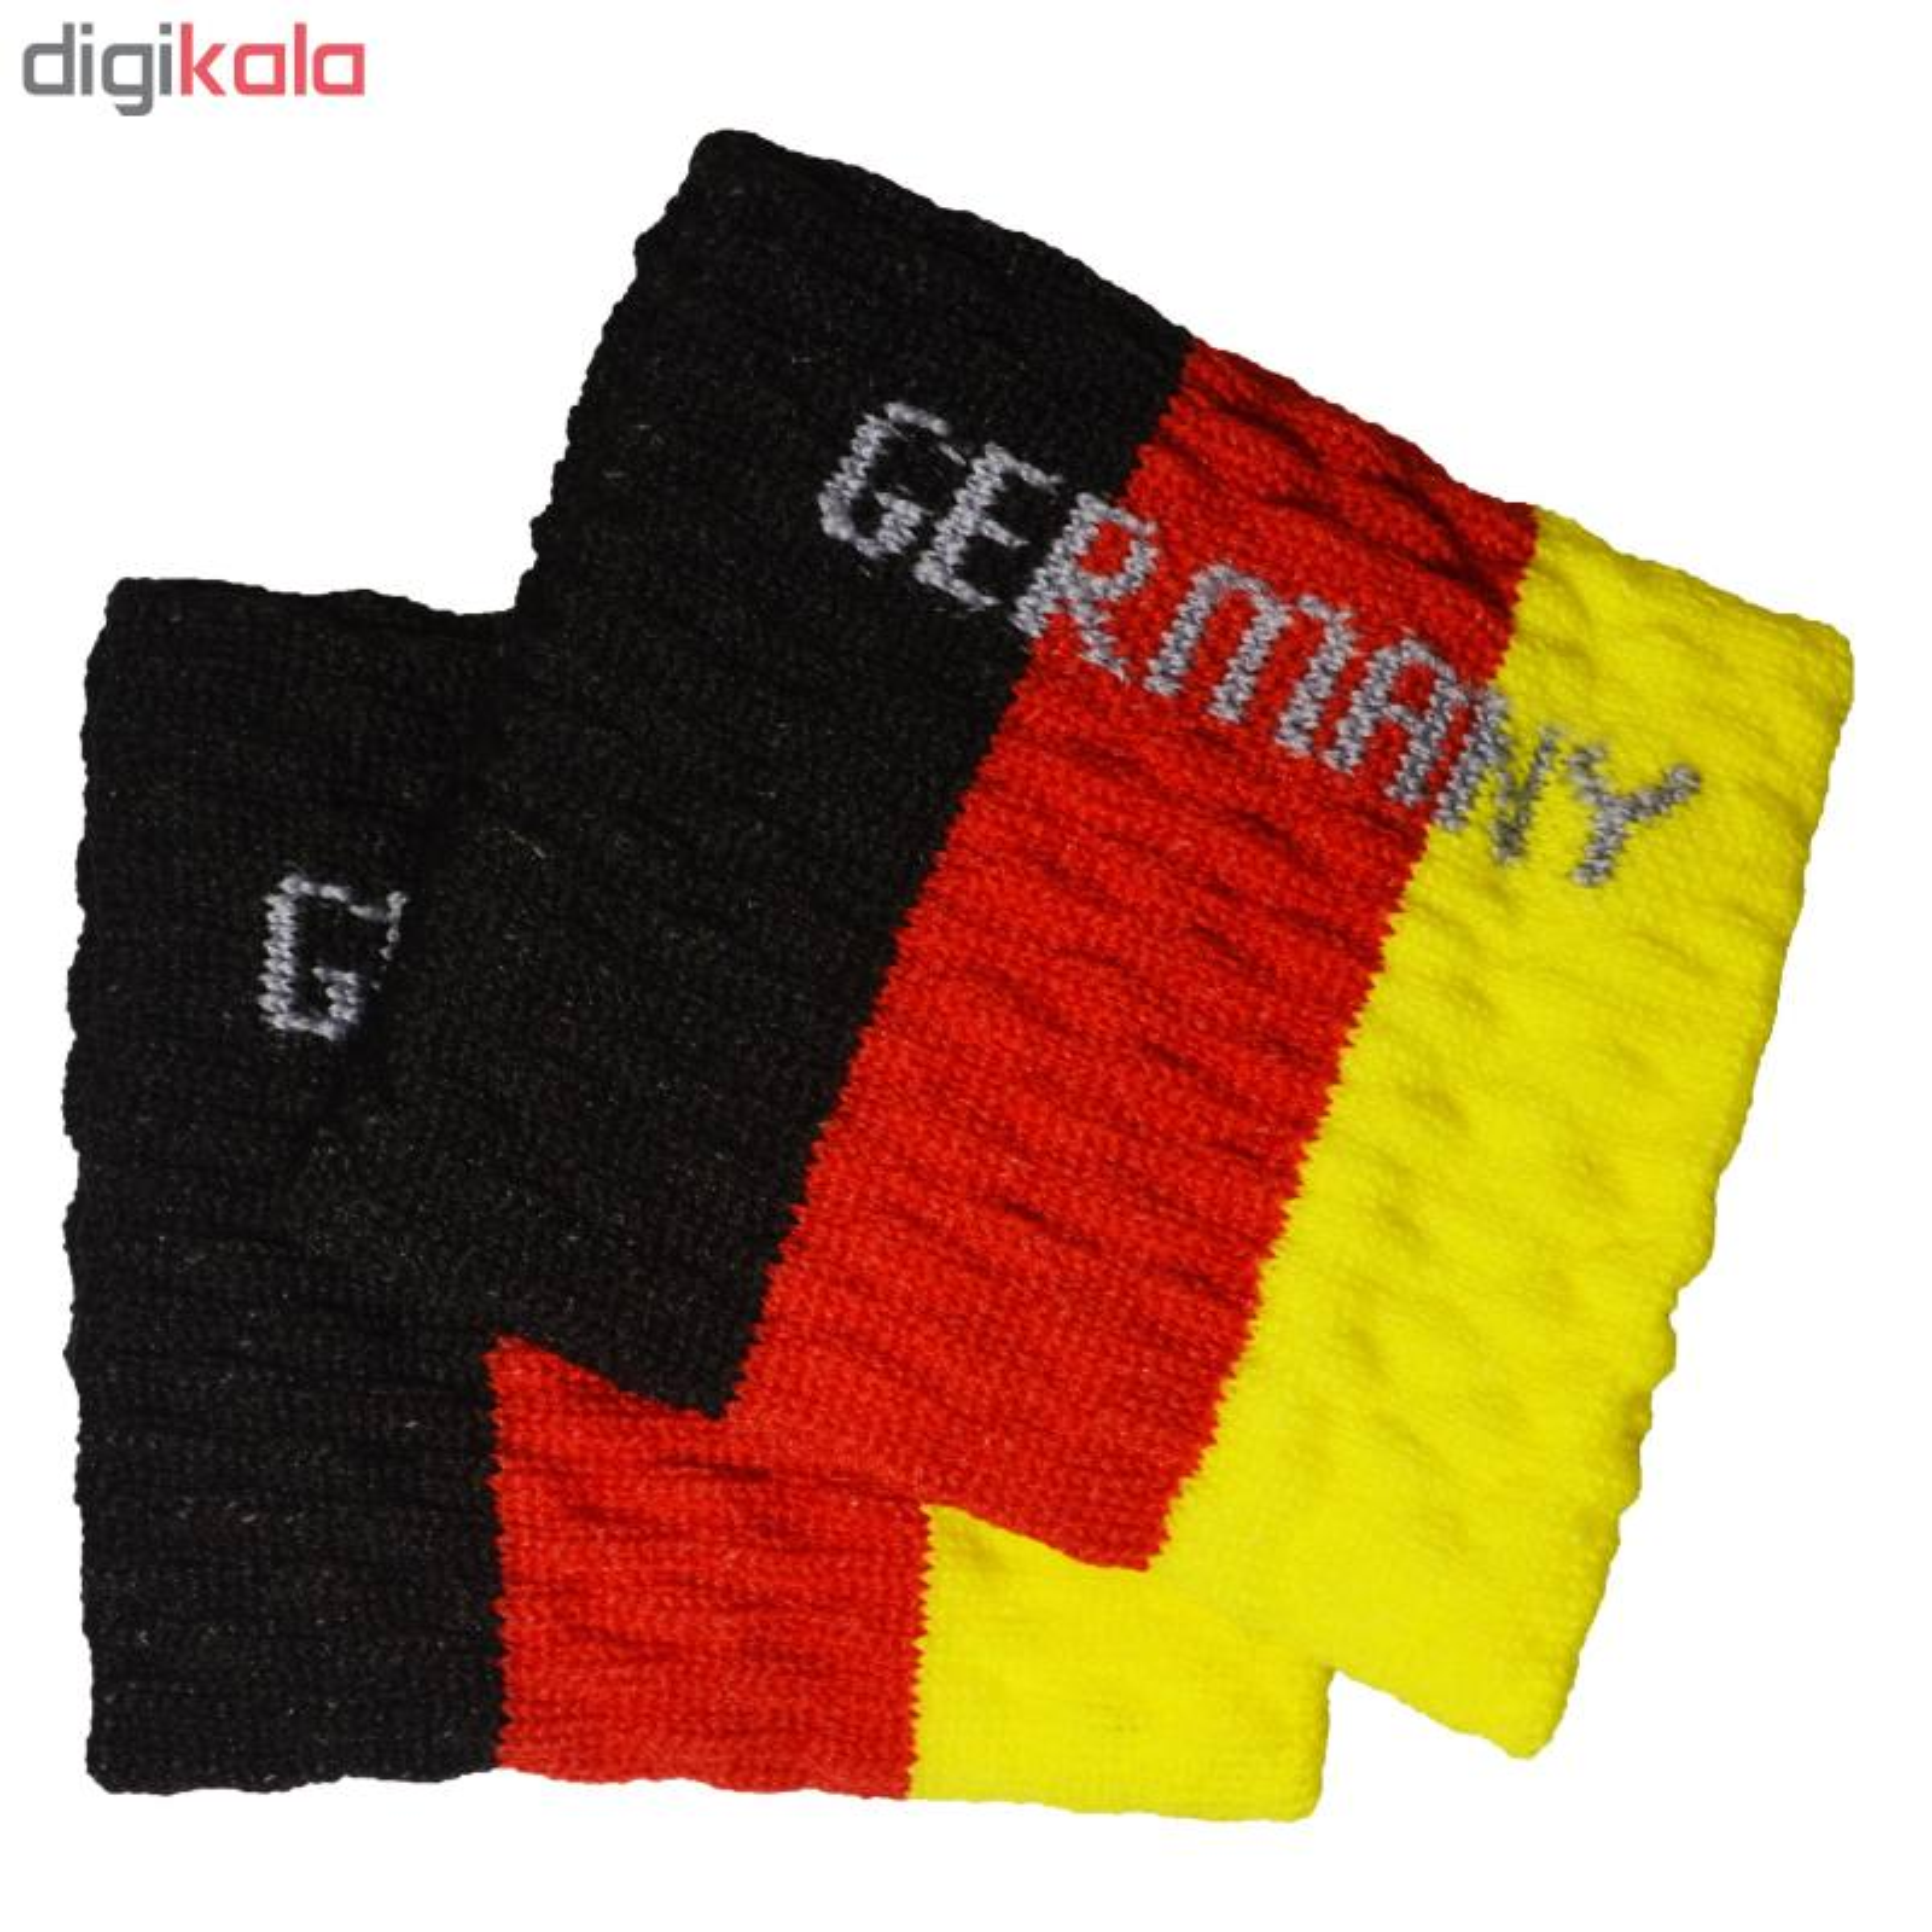 مچ بند ورزشی پرشیکا طرح پرچم کشور آلمان بسته 2 عددی